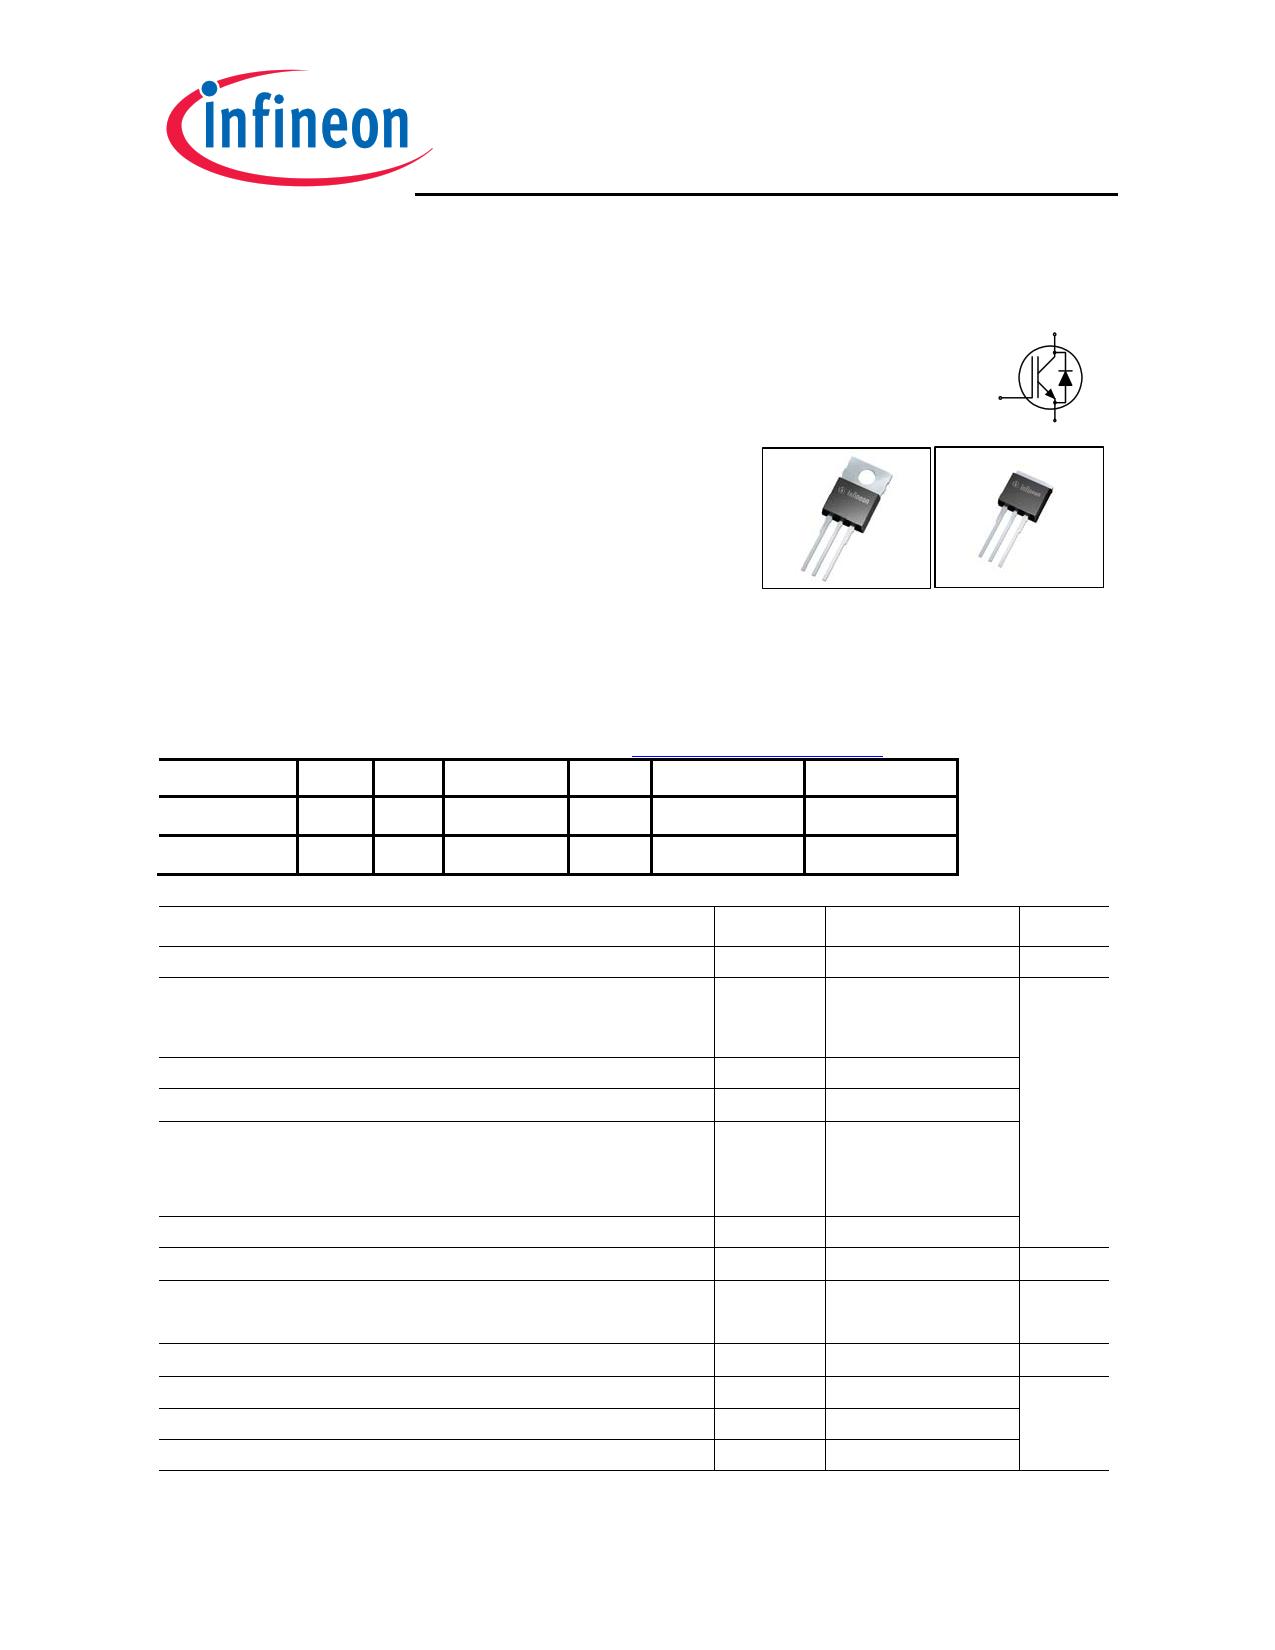 IKI04N60T Datasheet, IKI04N60T PDF,ピン配置, 機能